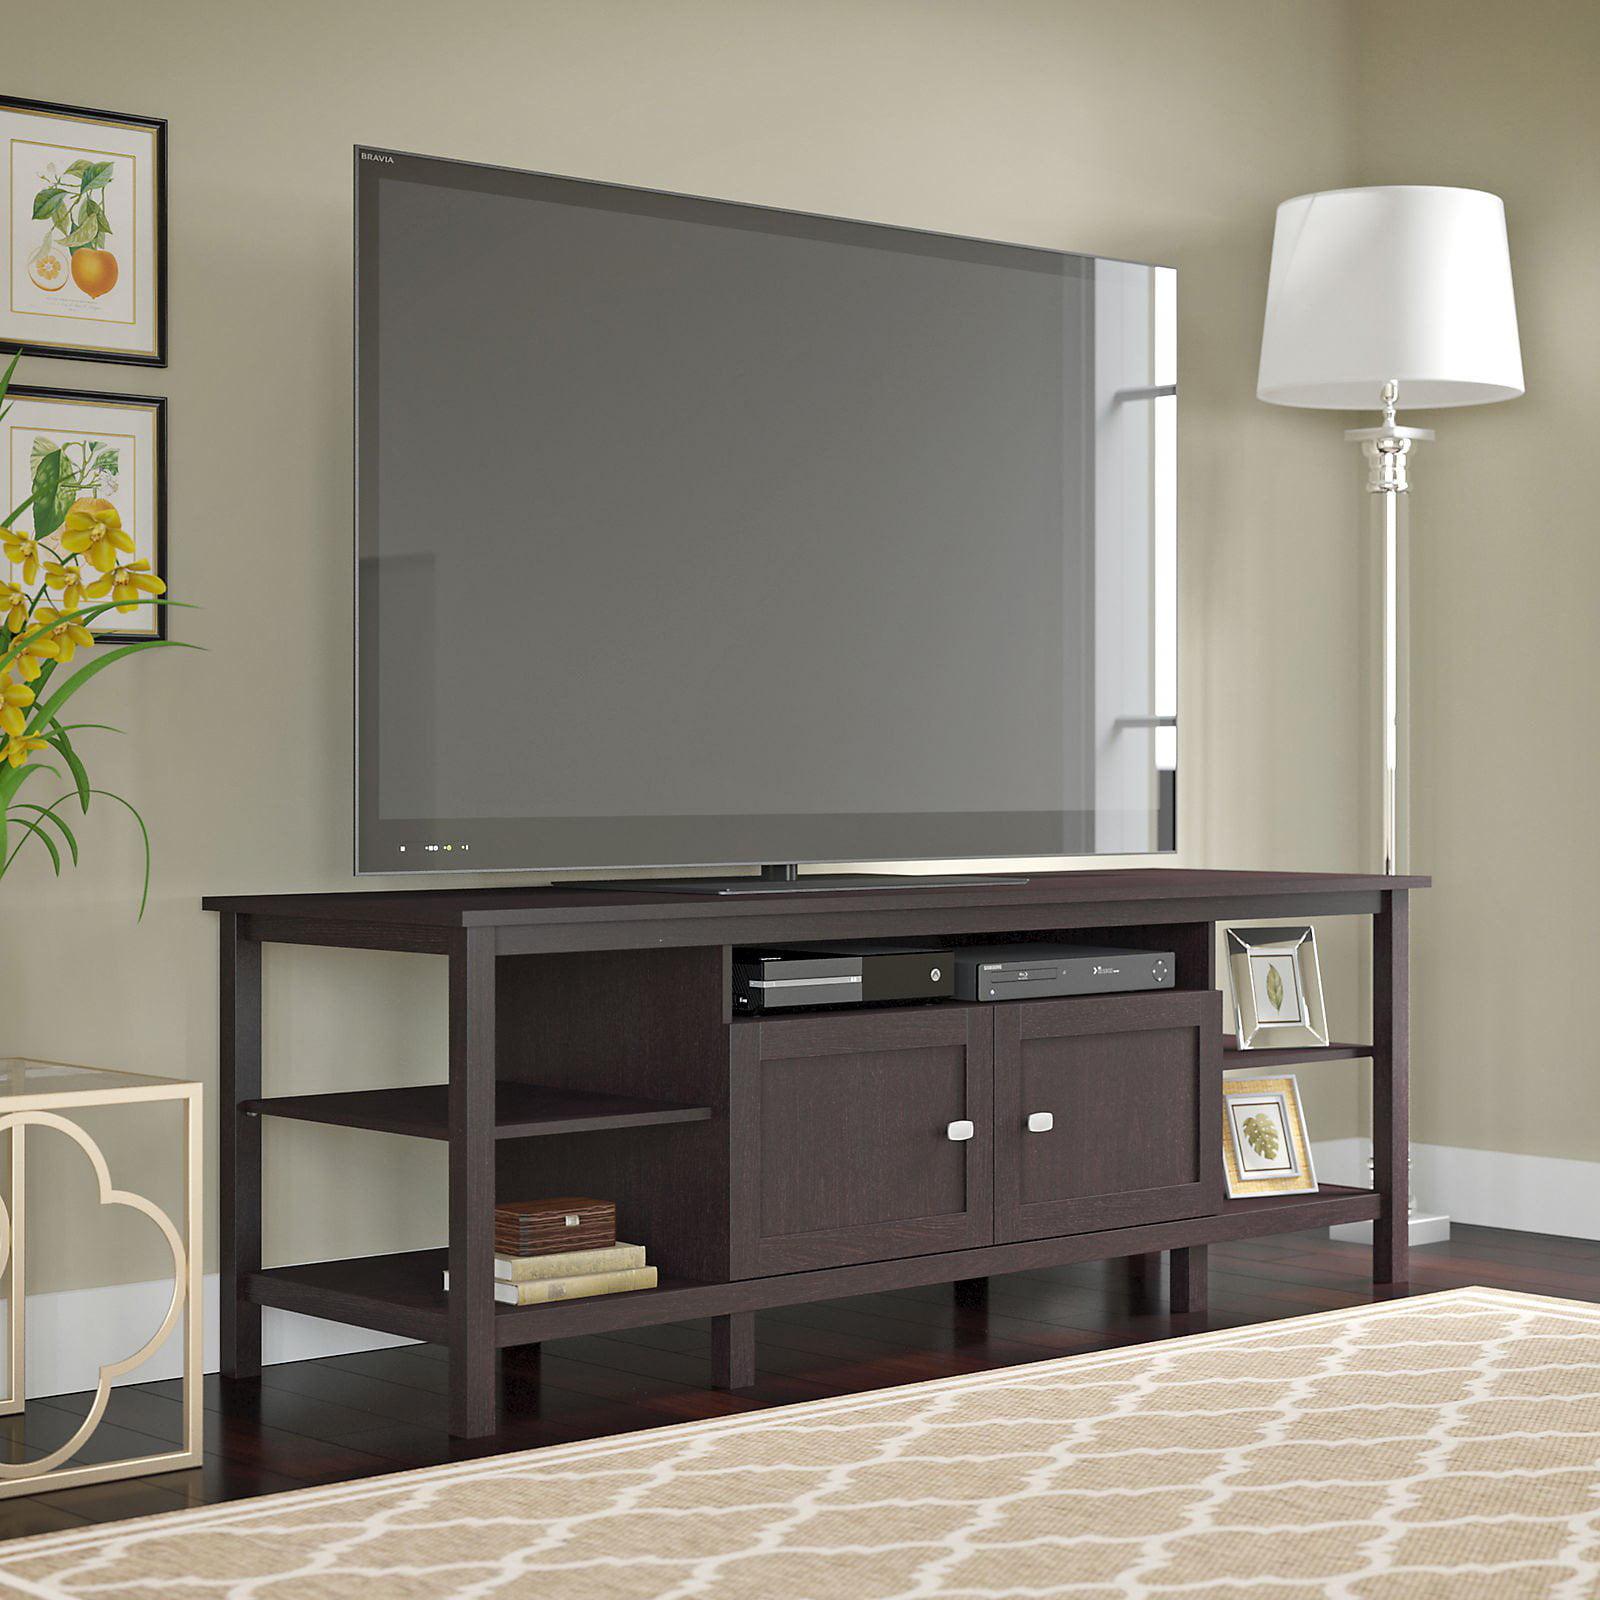 Broadview 72 in. TV Stand - Espresso Oak